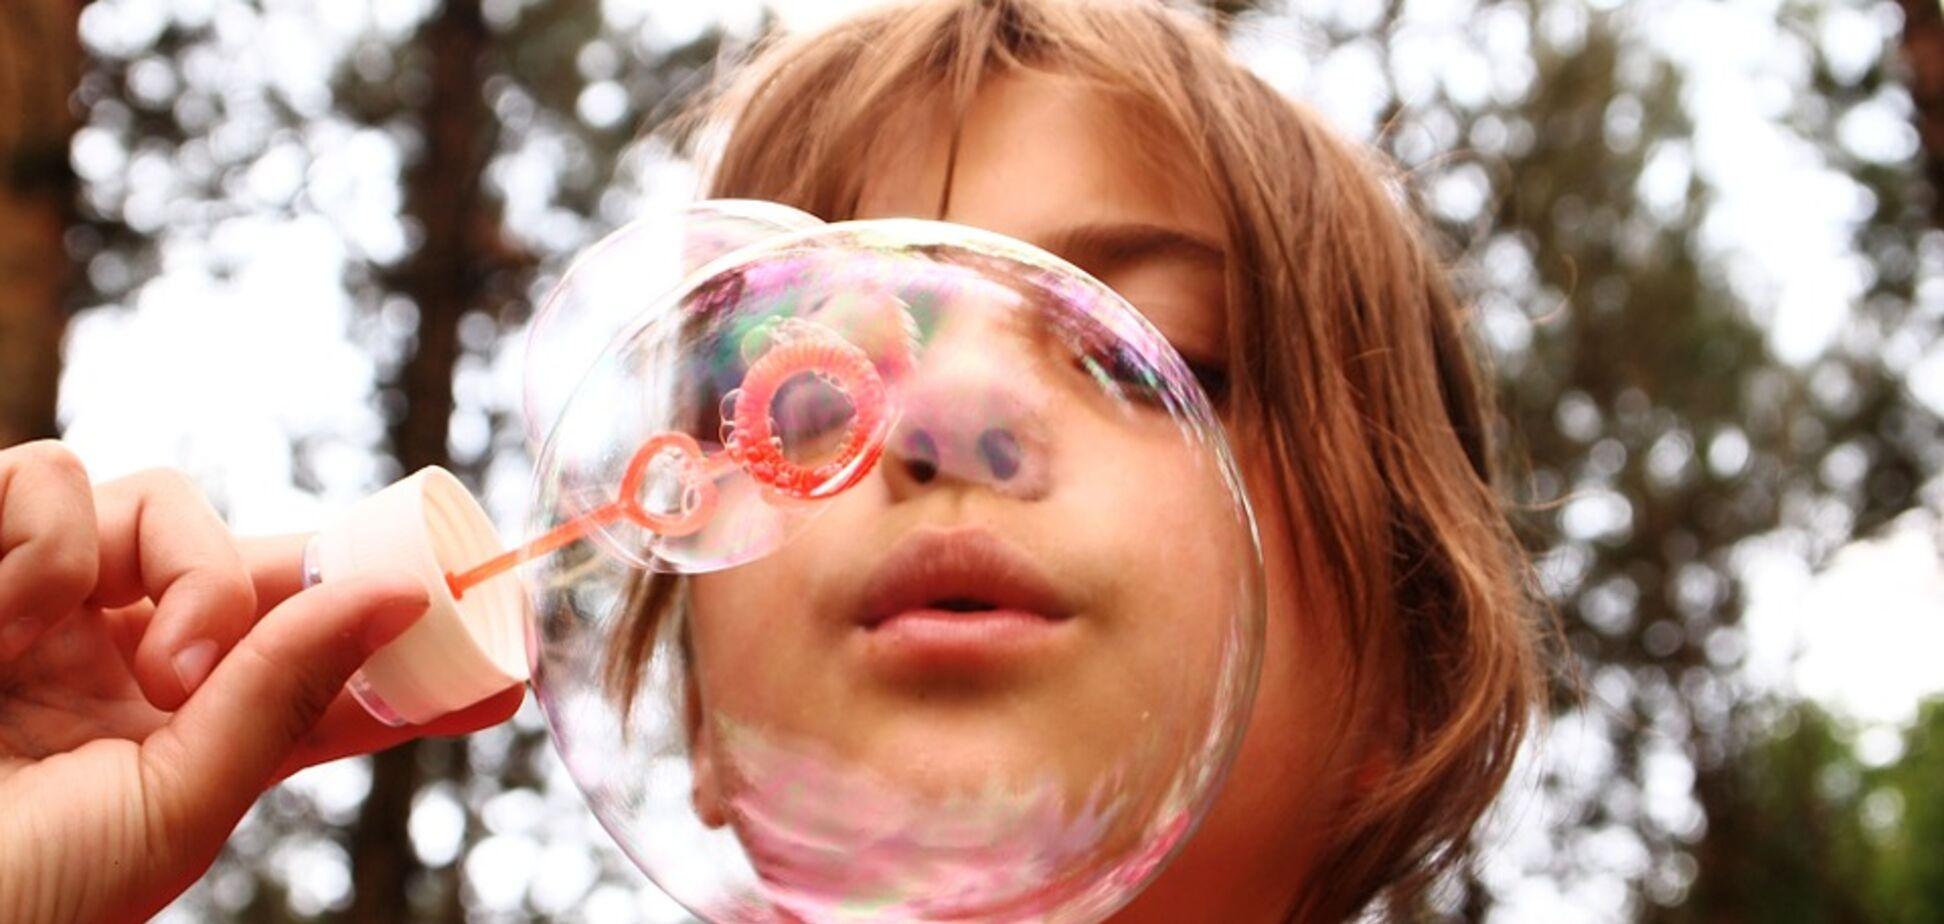 Аденоиды у ребенка - лечить или не лечить?